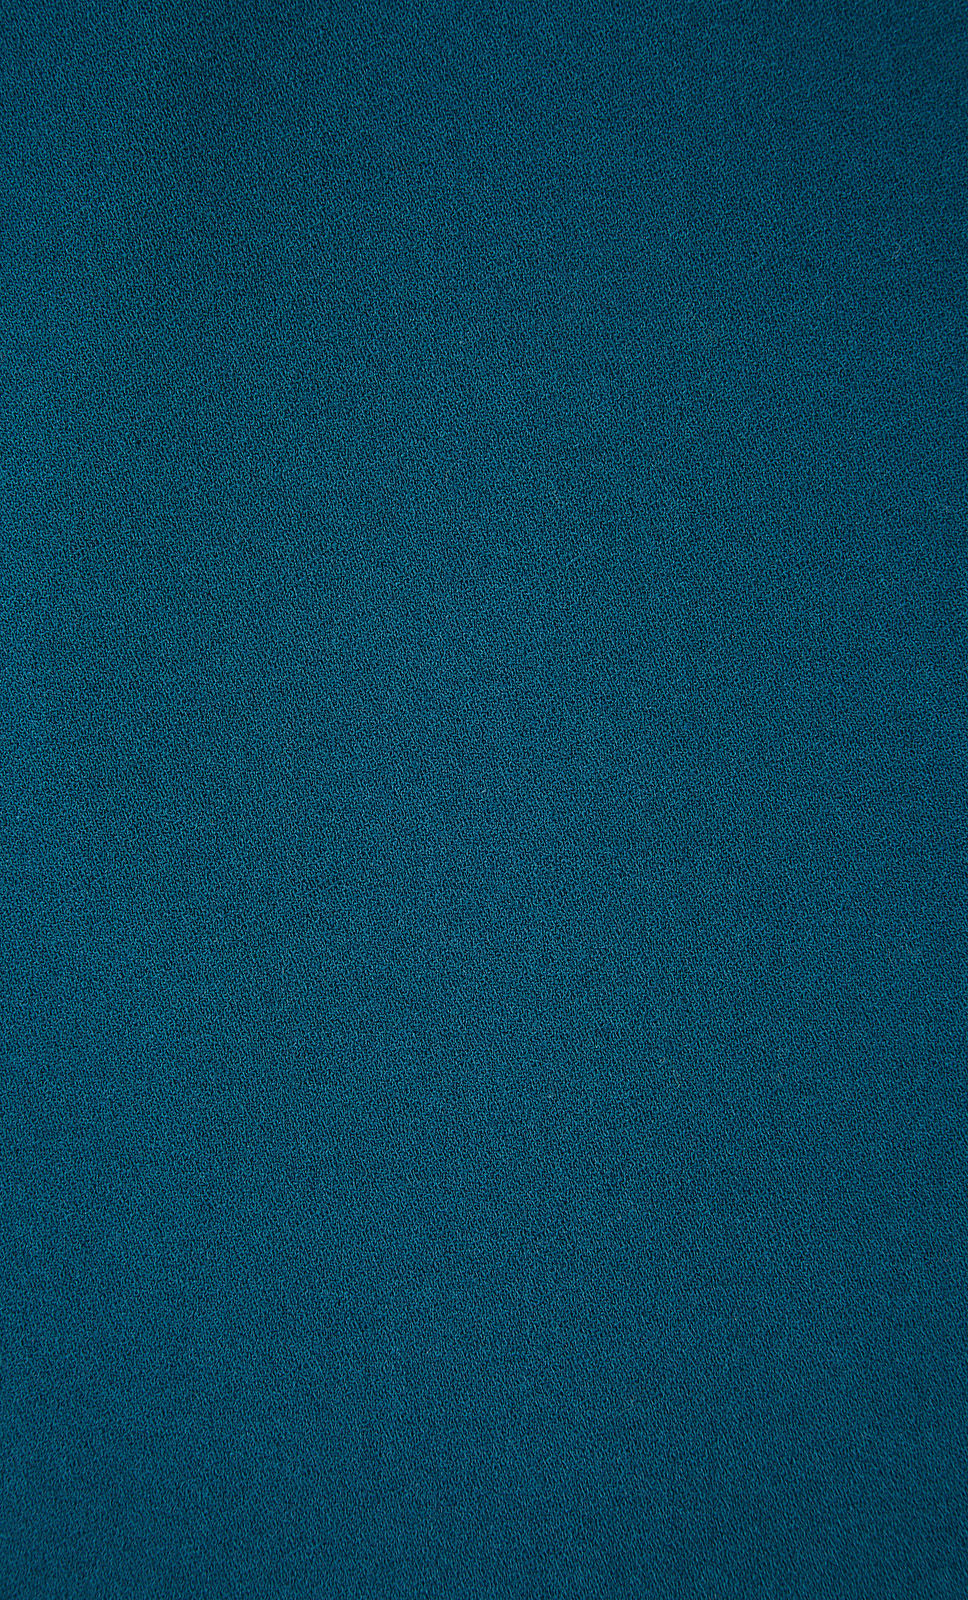 Woven-Crepe-Lapis-Blue